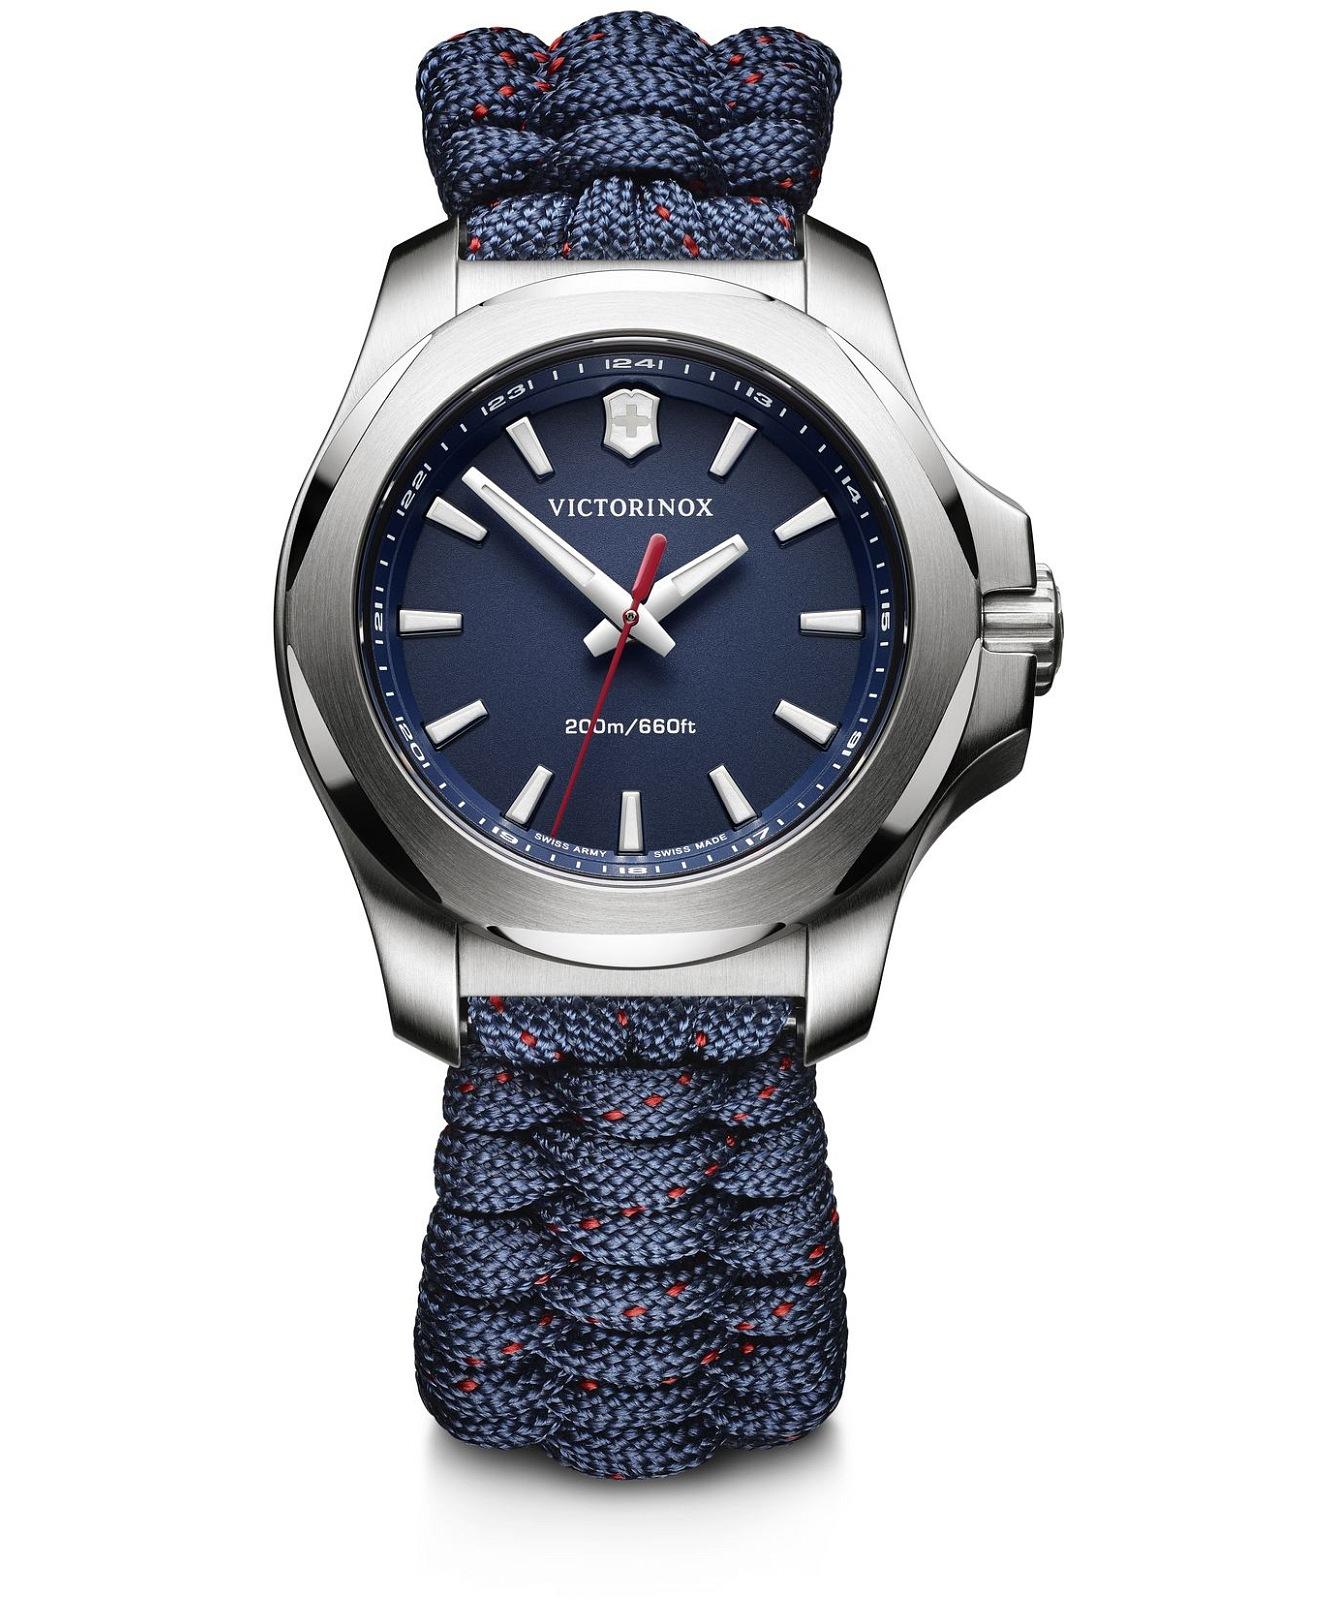 zegarek-damski-victorinox-i-n-o-x-v-241770_002